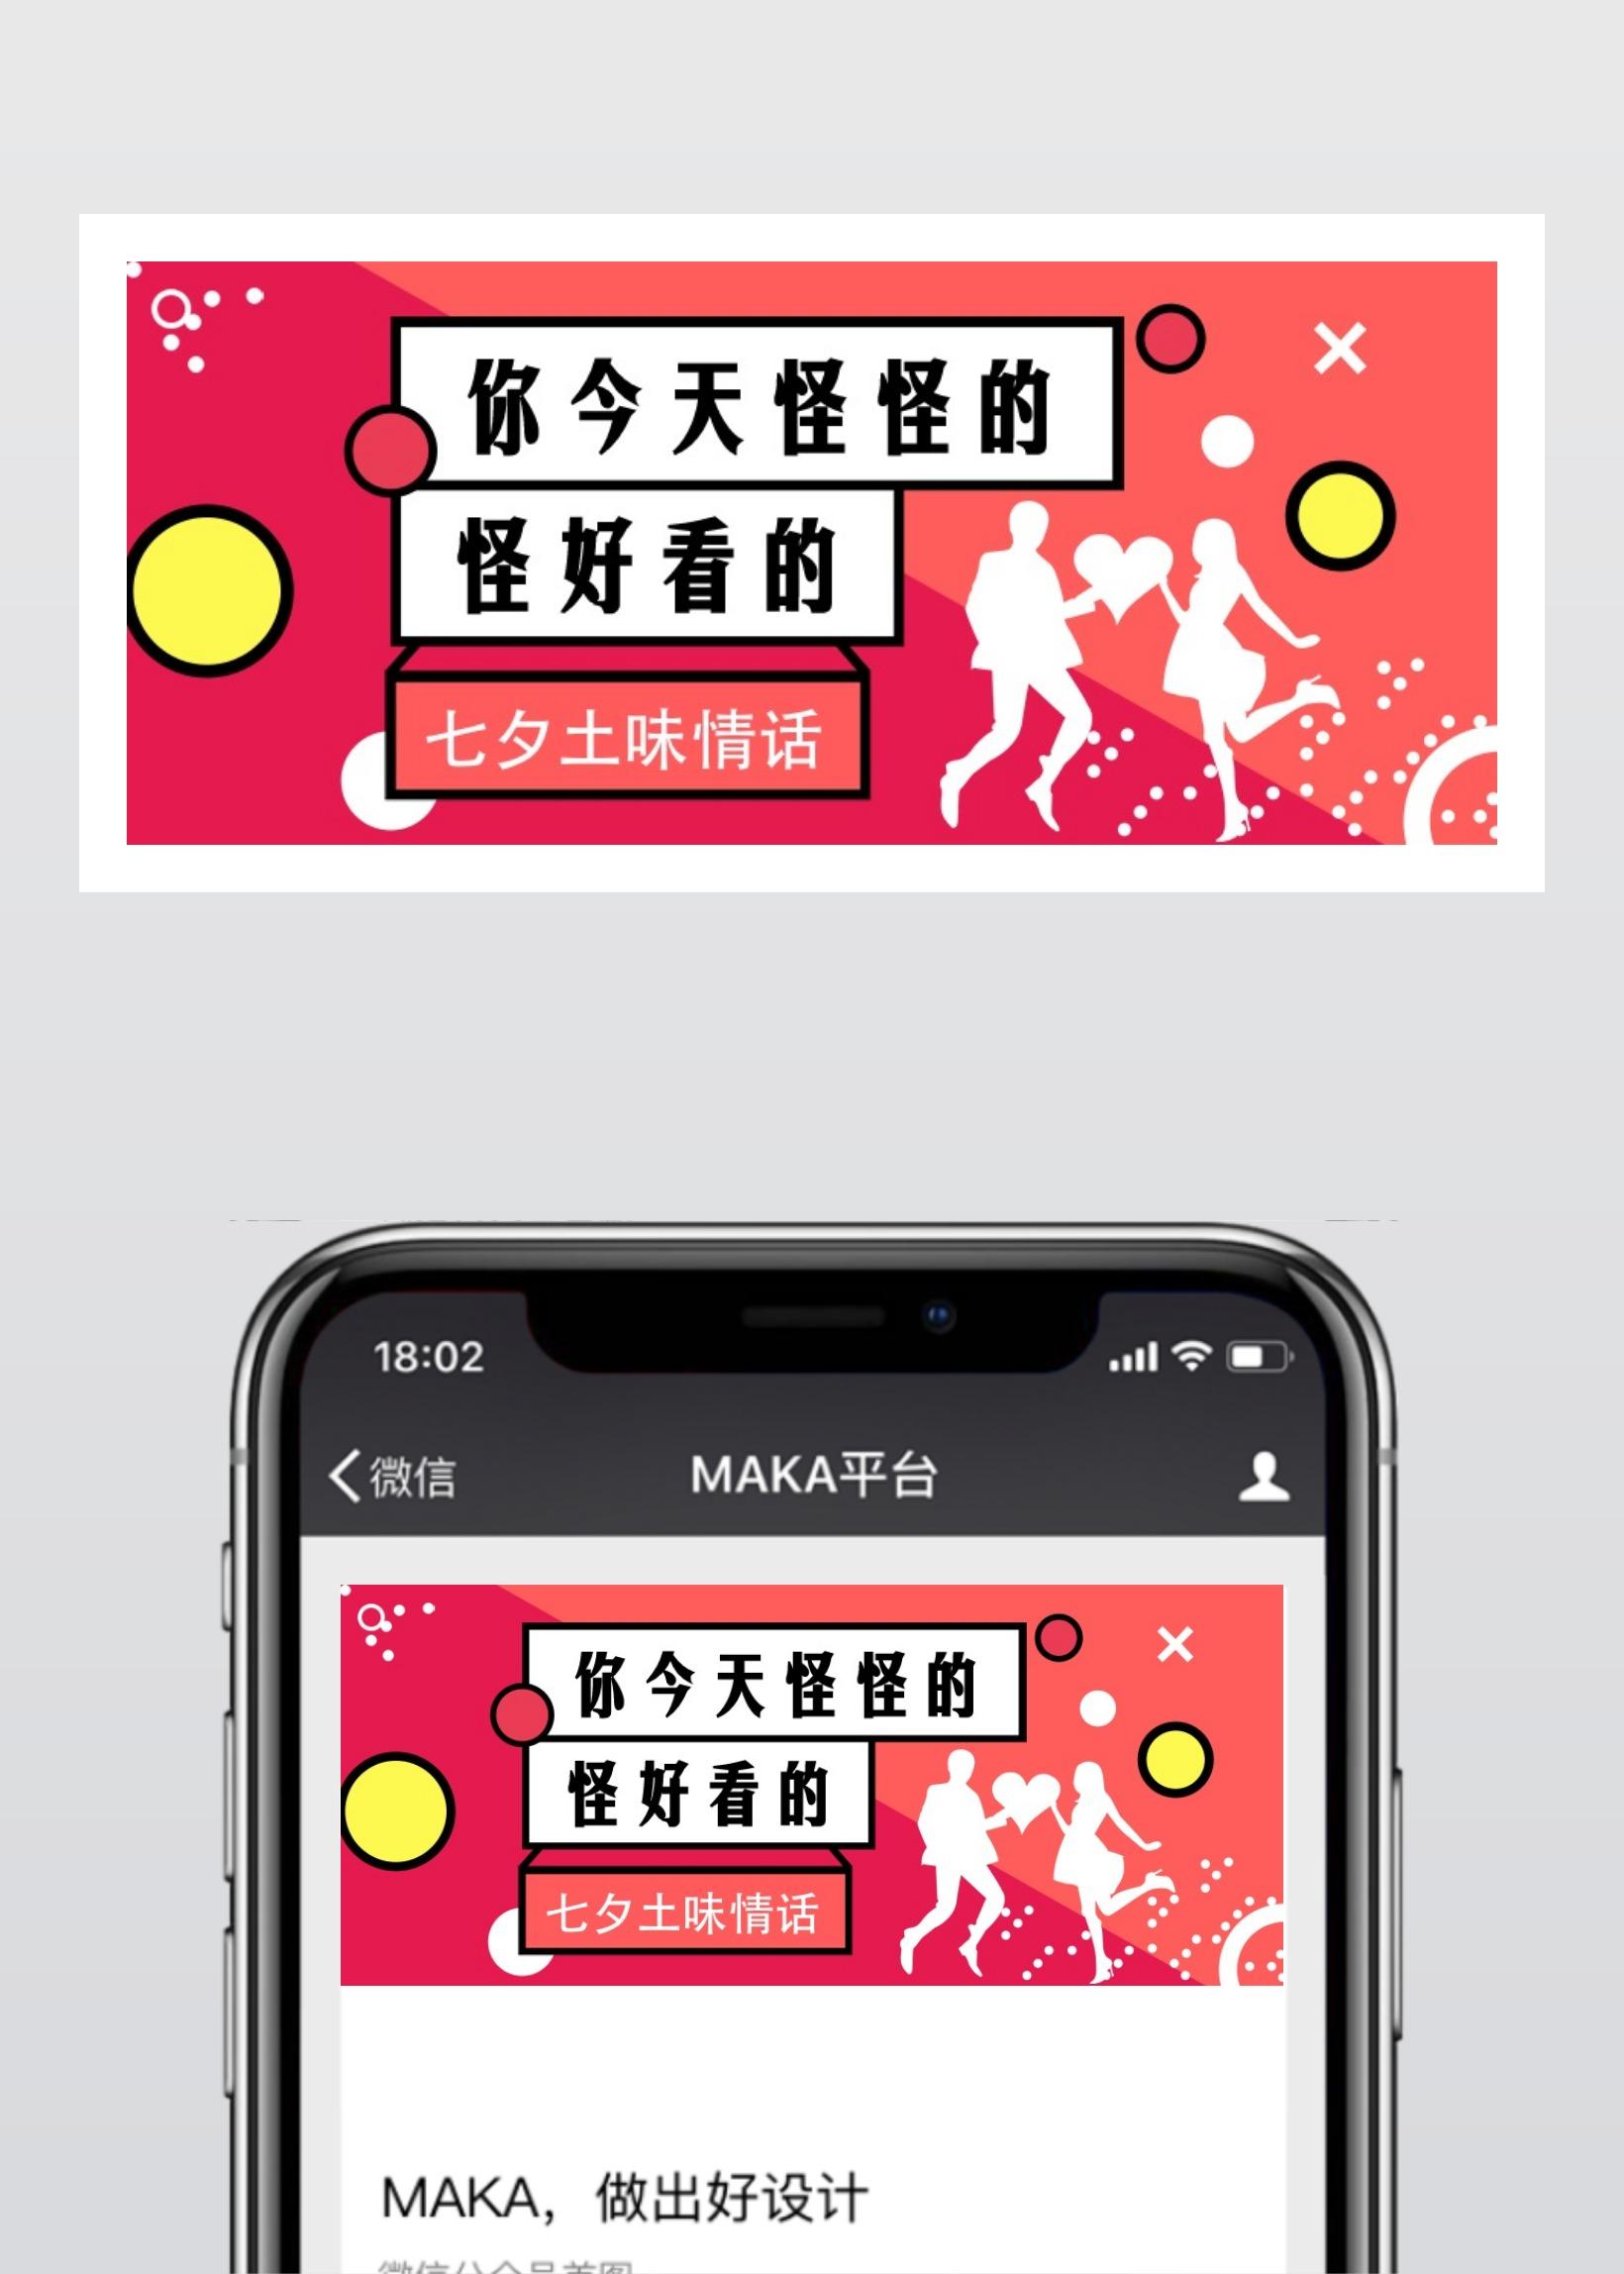 红色卡通清新插画设计风格中国情人节七夕表白祝福活动微信公众号大图